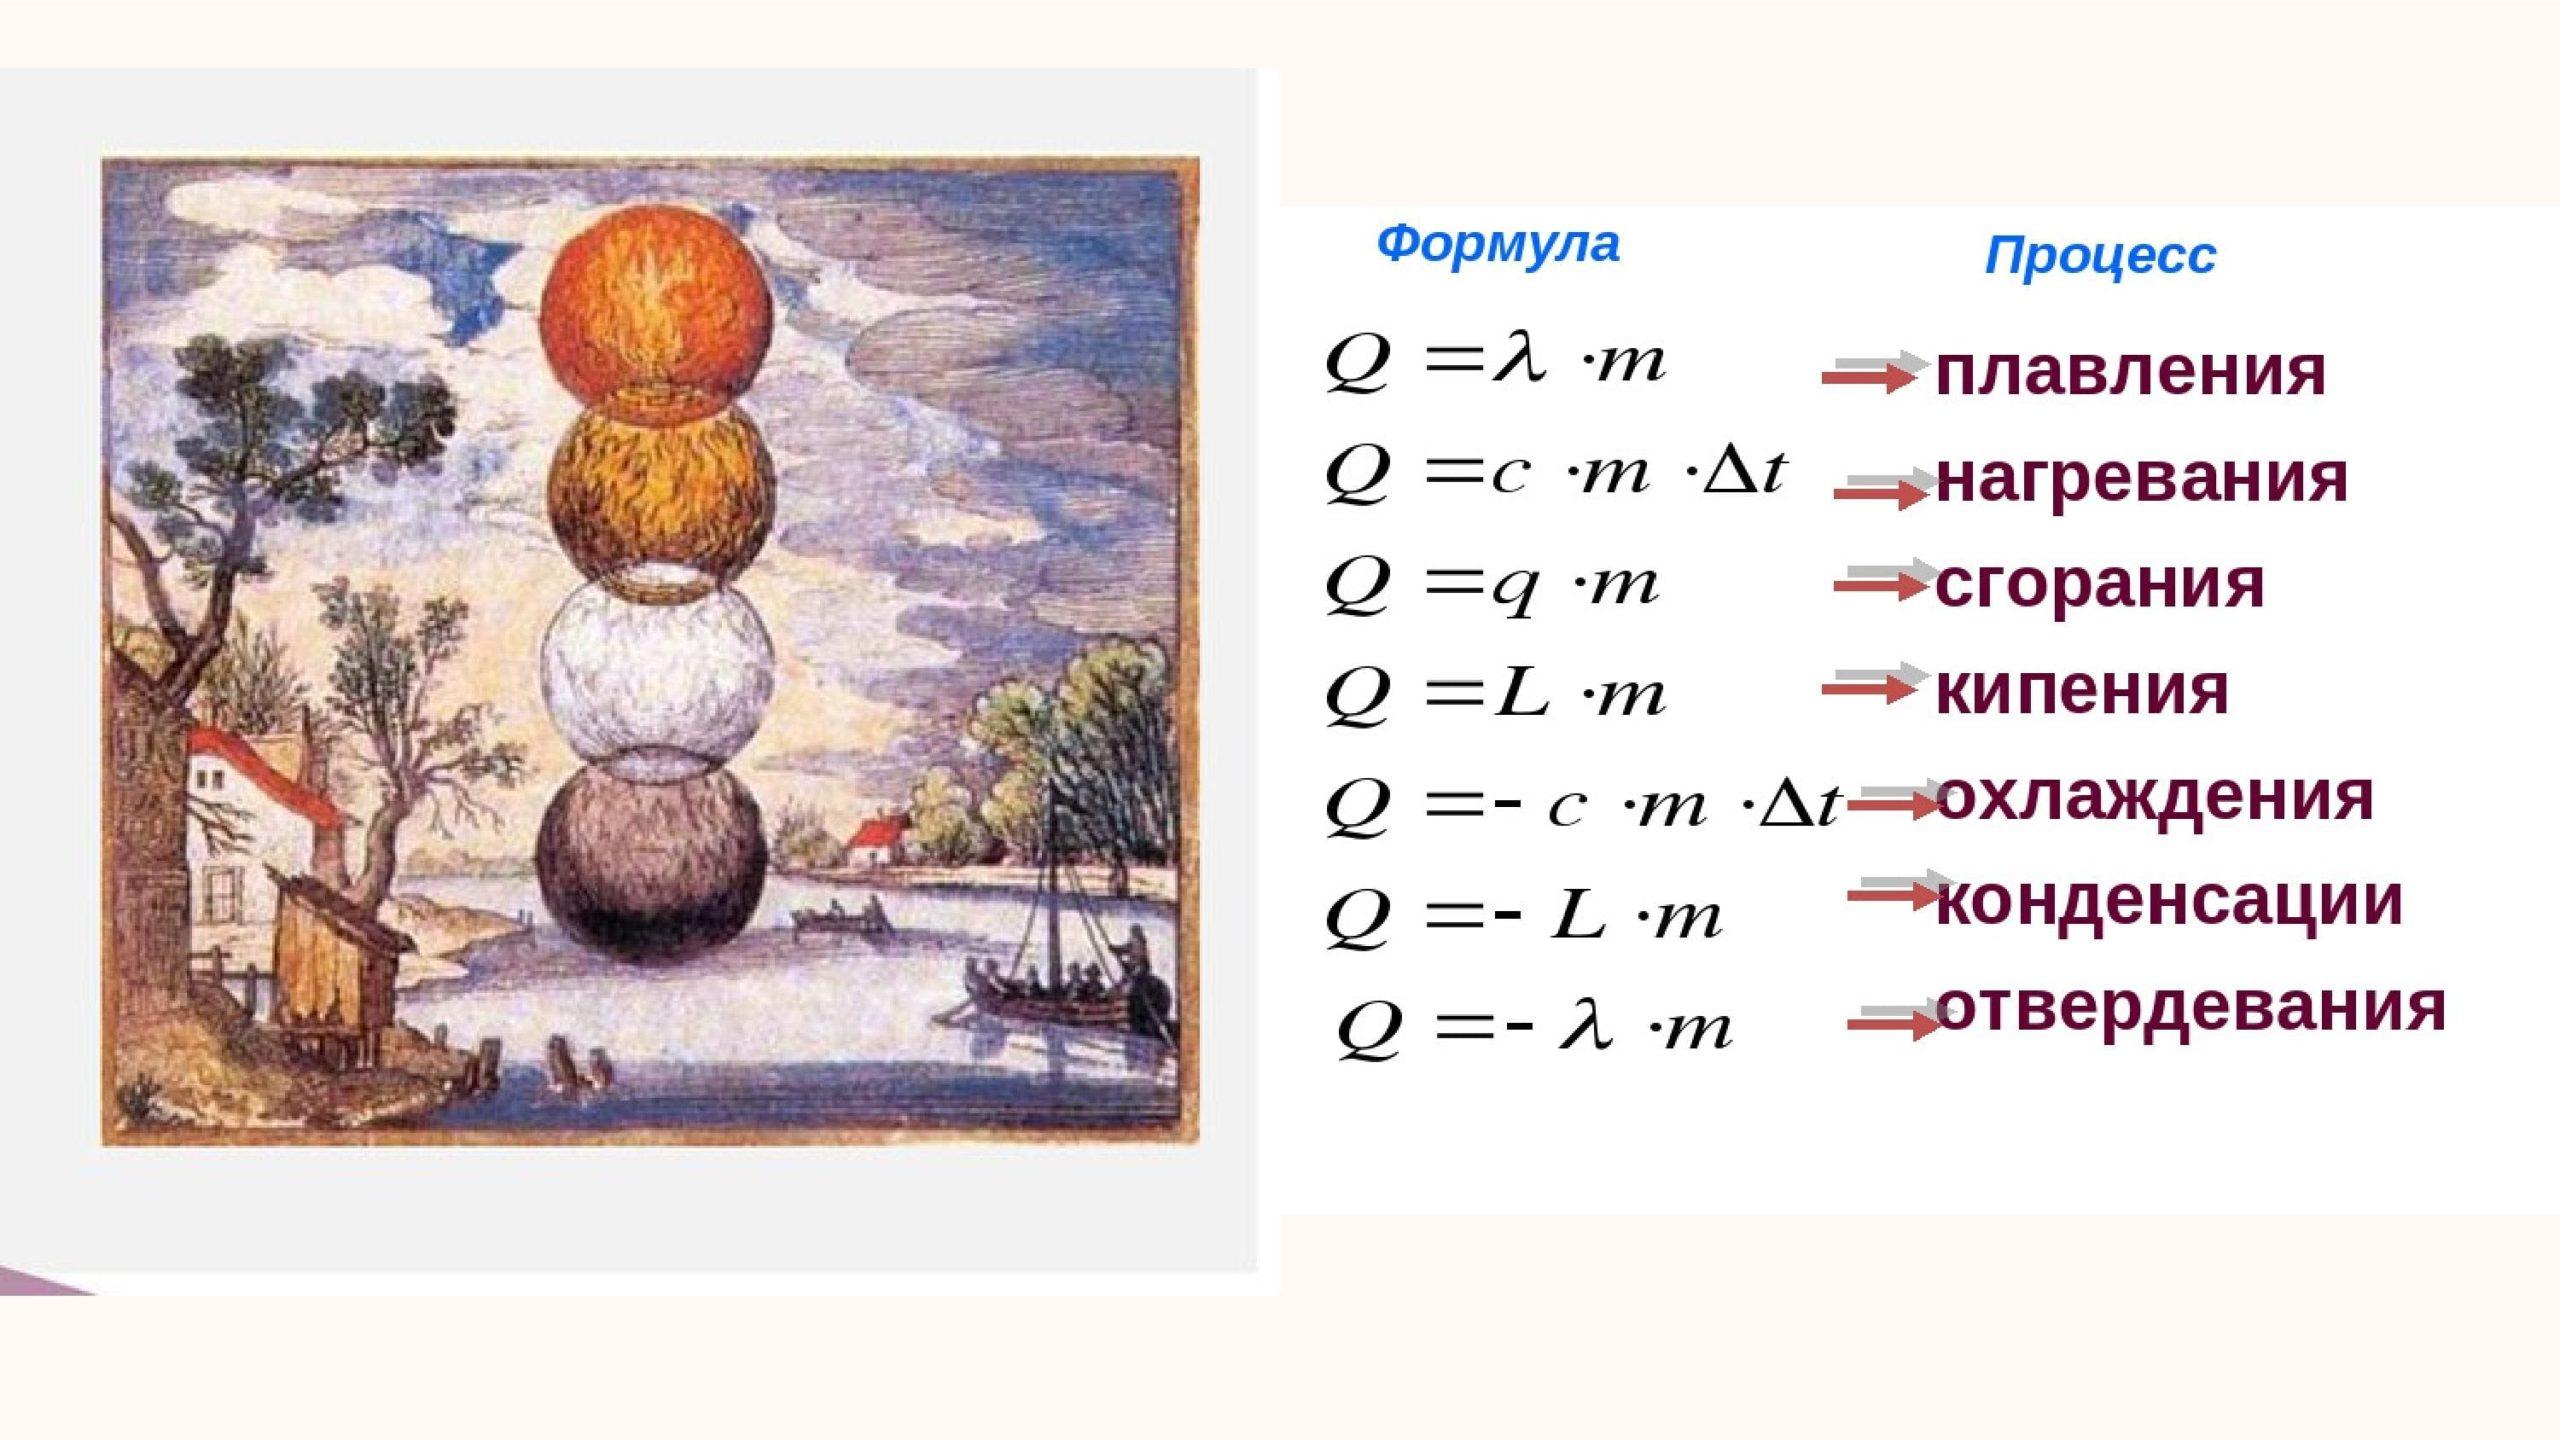 Формула - Процесс